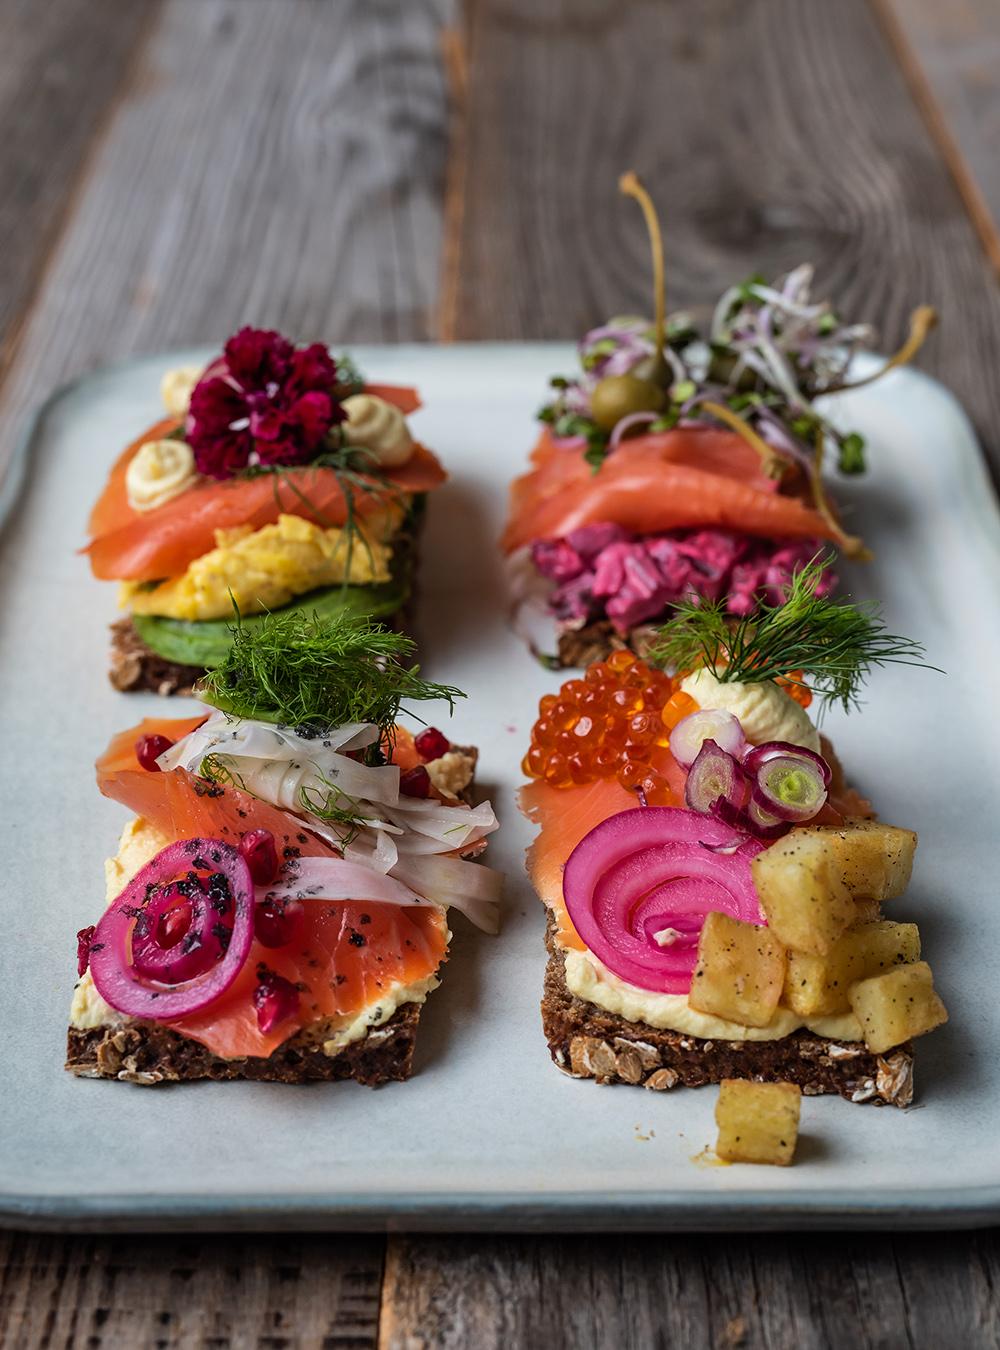 Smørrebrød mit Wildlachs,Smörrebröd, der dänisches Sandwich Klassiker